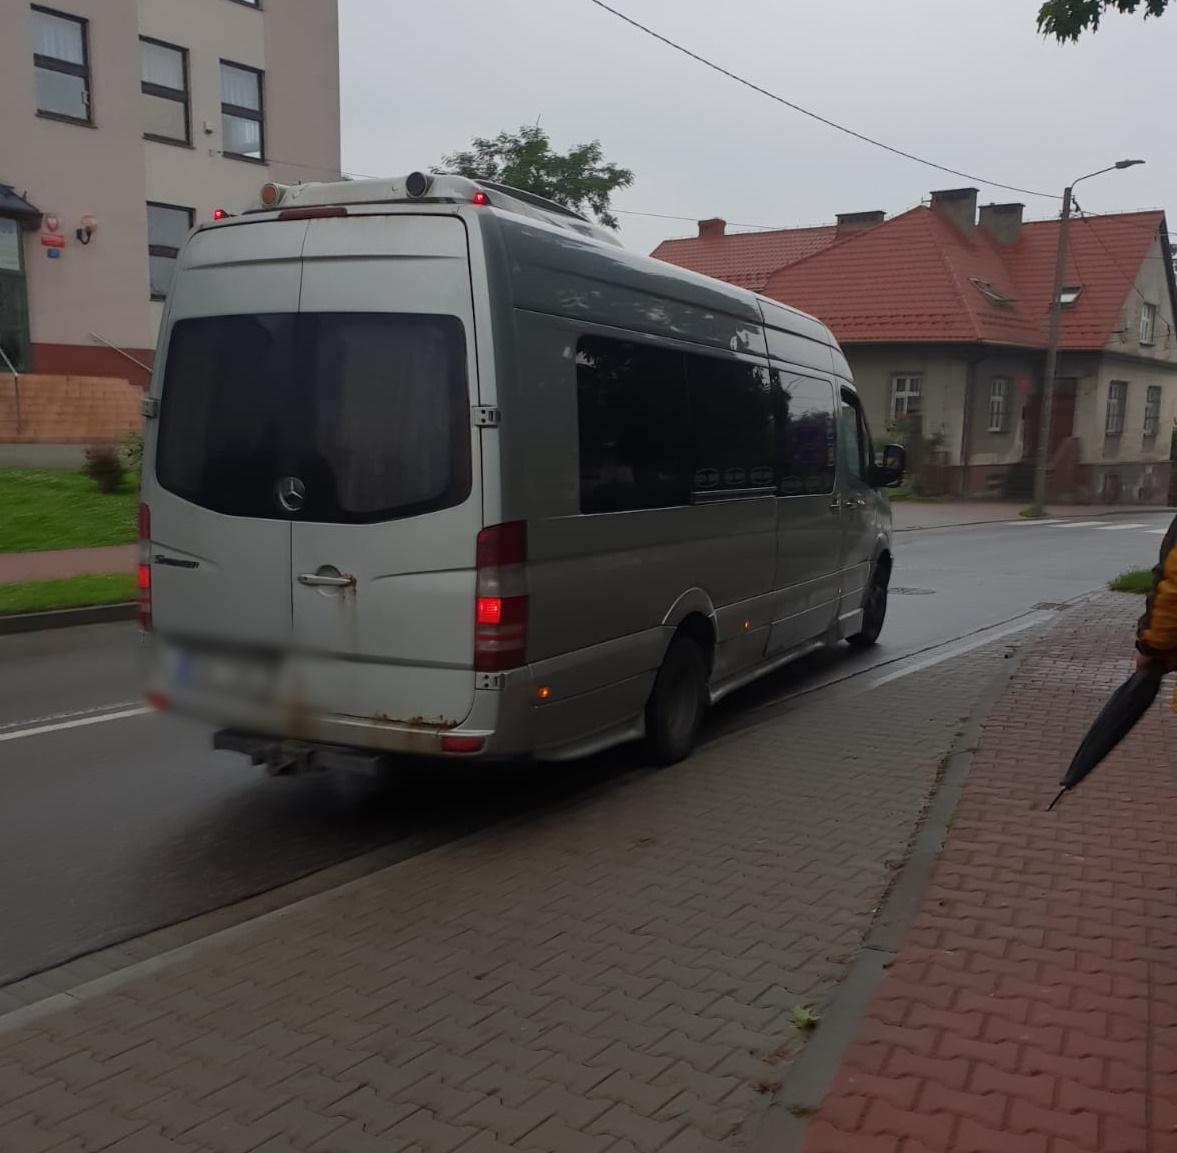 Mokre siedzenia, nieprzyjemny zapach i ogólny ścisk - tak się podróżuje z Andrychowa do Wadowic